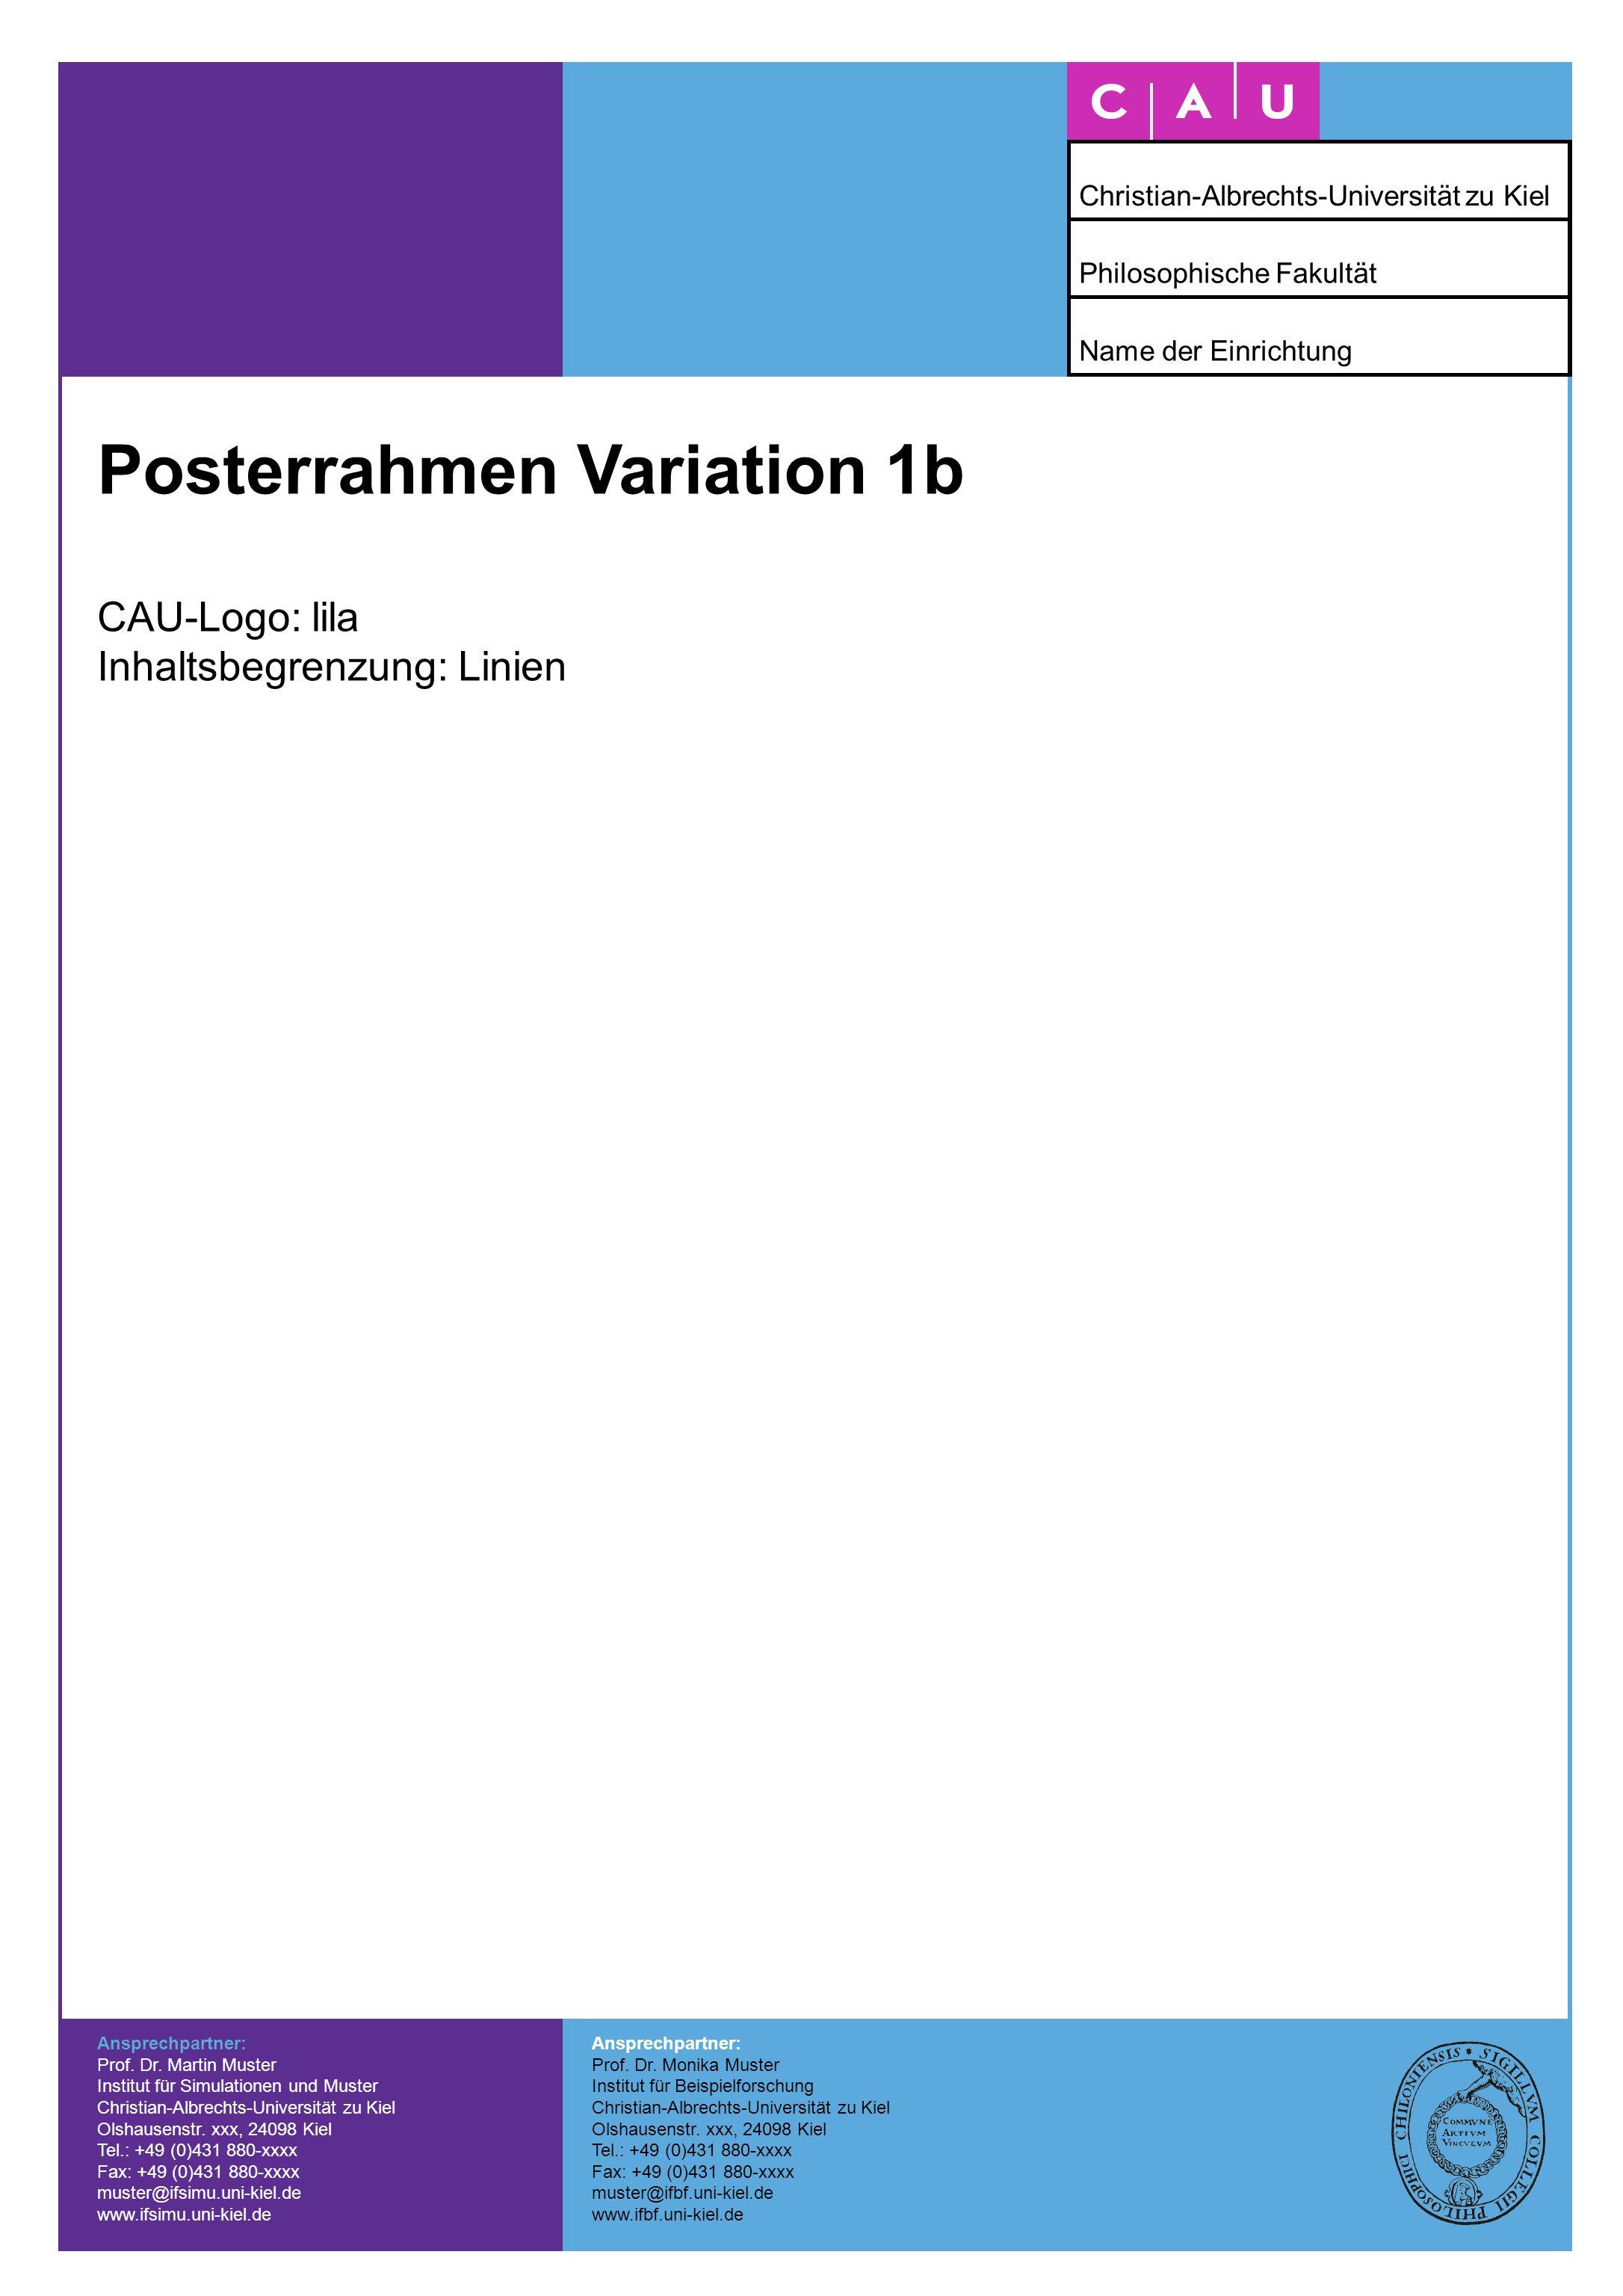 Posterrahmen Variation 2a CAU-Logo: schwarz Inhaltsbegrenzung: Fläche Ansprechpartner: Prof.